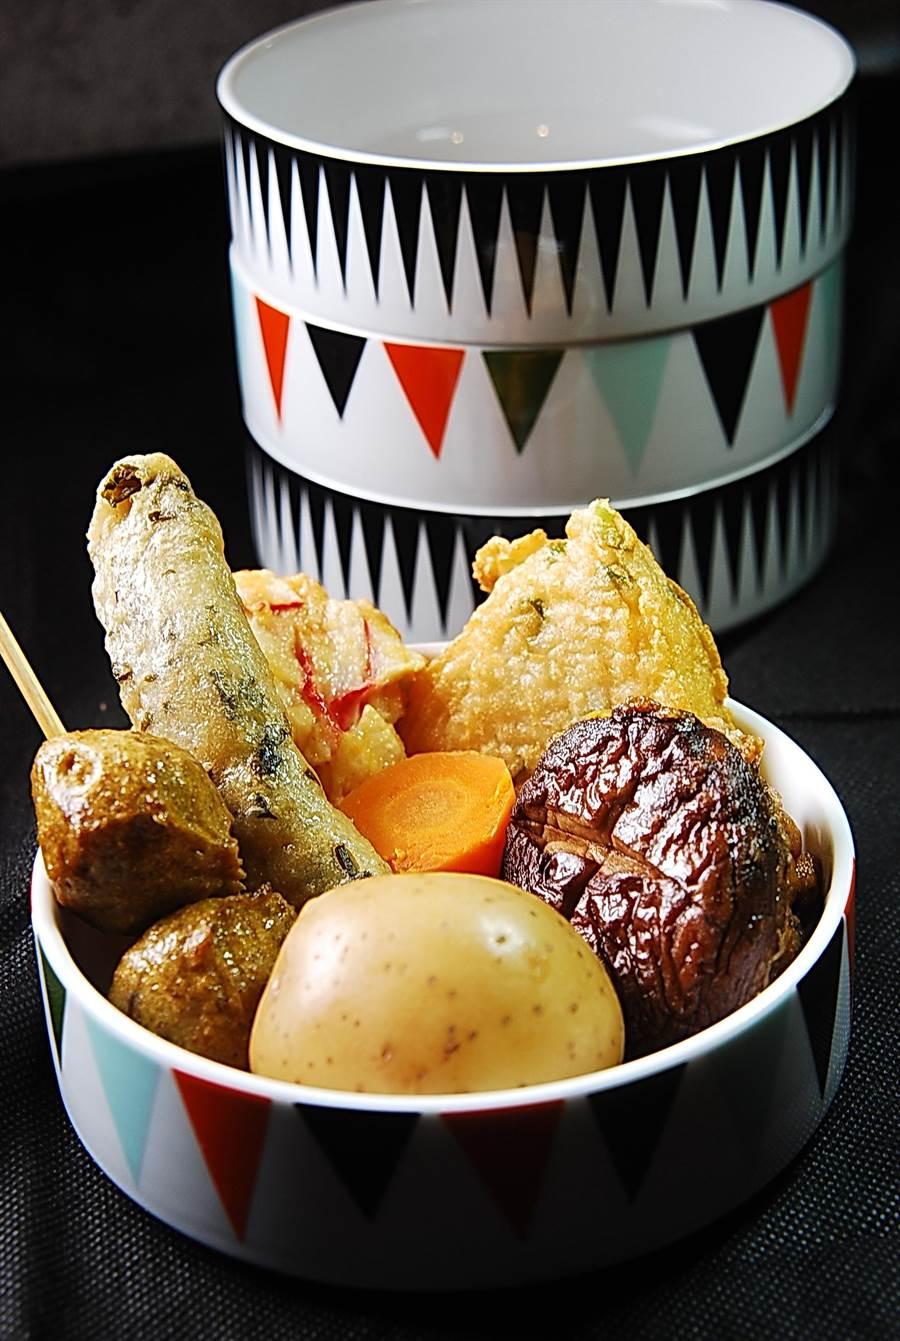 這一碗內的黑輪有:咖哩丸子、九層塔黑輪、香菇燒、鱈魚蔥餅、櫻花蝦片、花枝排,以及雞蛋馬鈴薯和胡蘿蔔。(圖/姚舜攝)